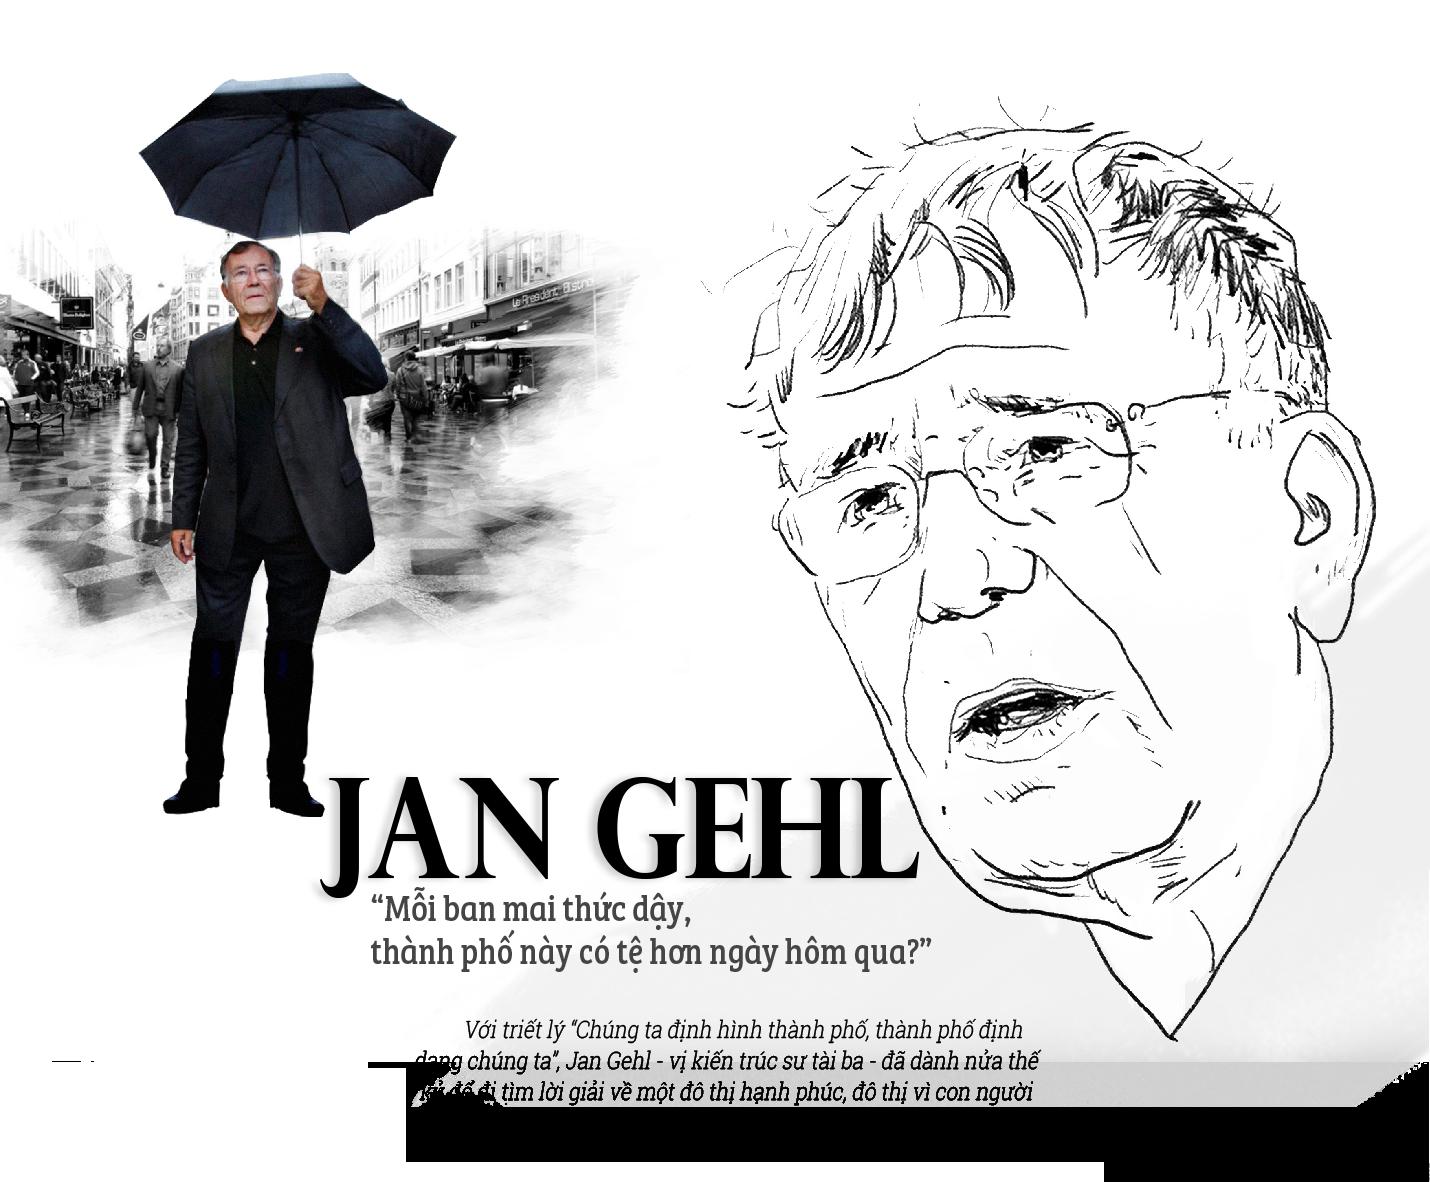 Jan Gehl: